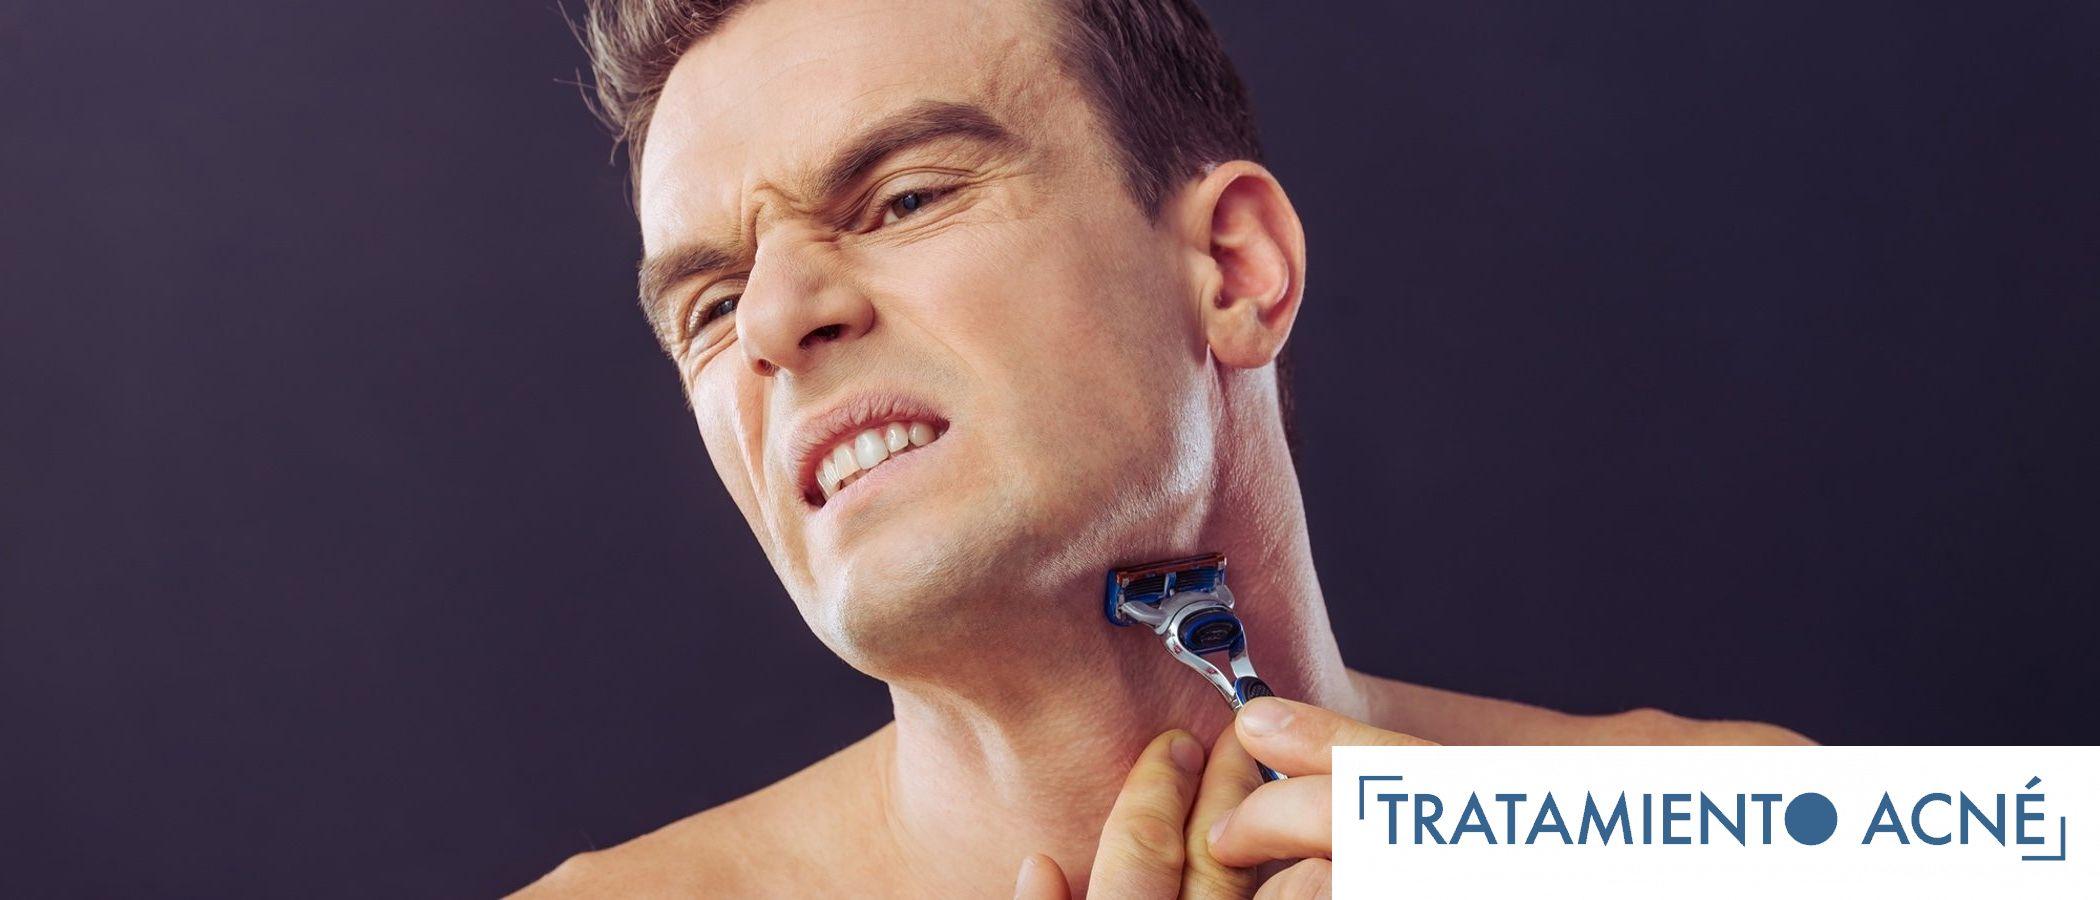 Irritacion de la piel tras el afeitado